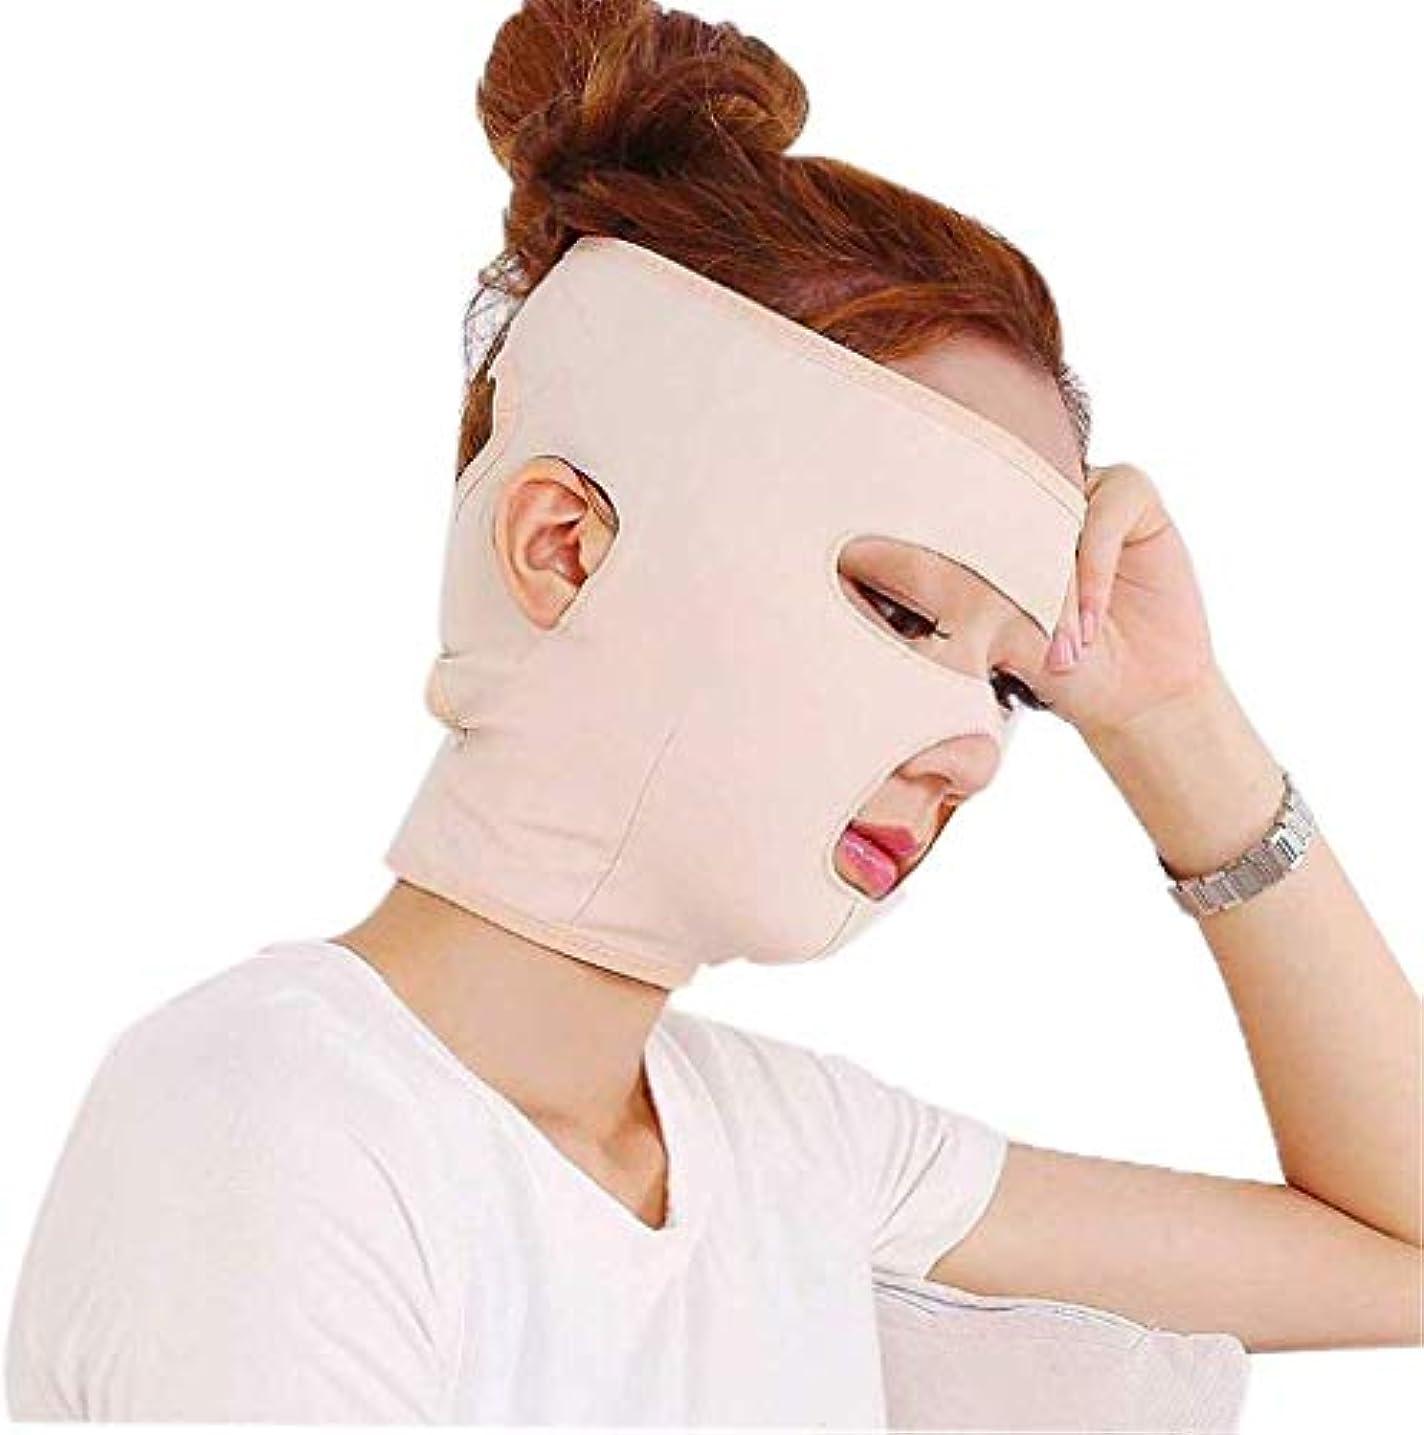 解任支援する予約美しさと実用的なフルフェイスタイプ通気性ライン、彫刻後、顔の包帯、薄いVフェイスマスク、リフティングファーミング、ロー、パターンアーティファクト(サイズ:M)